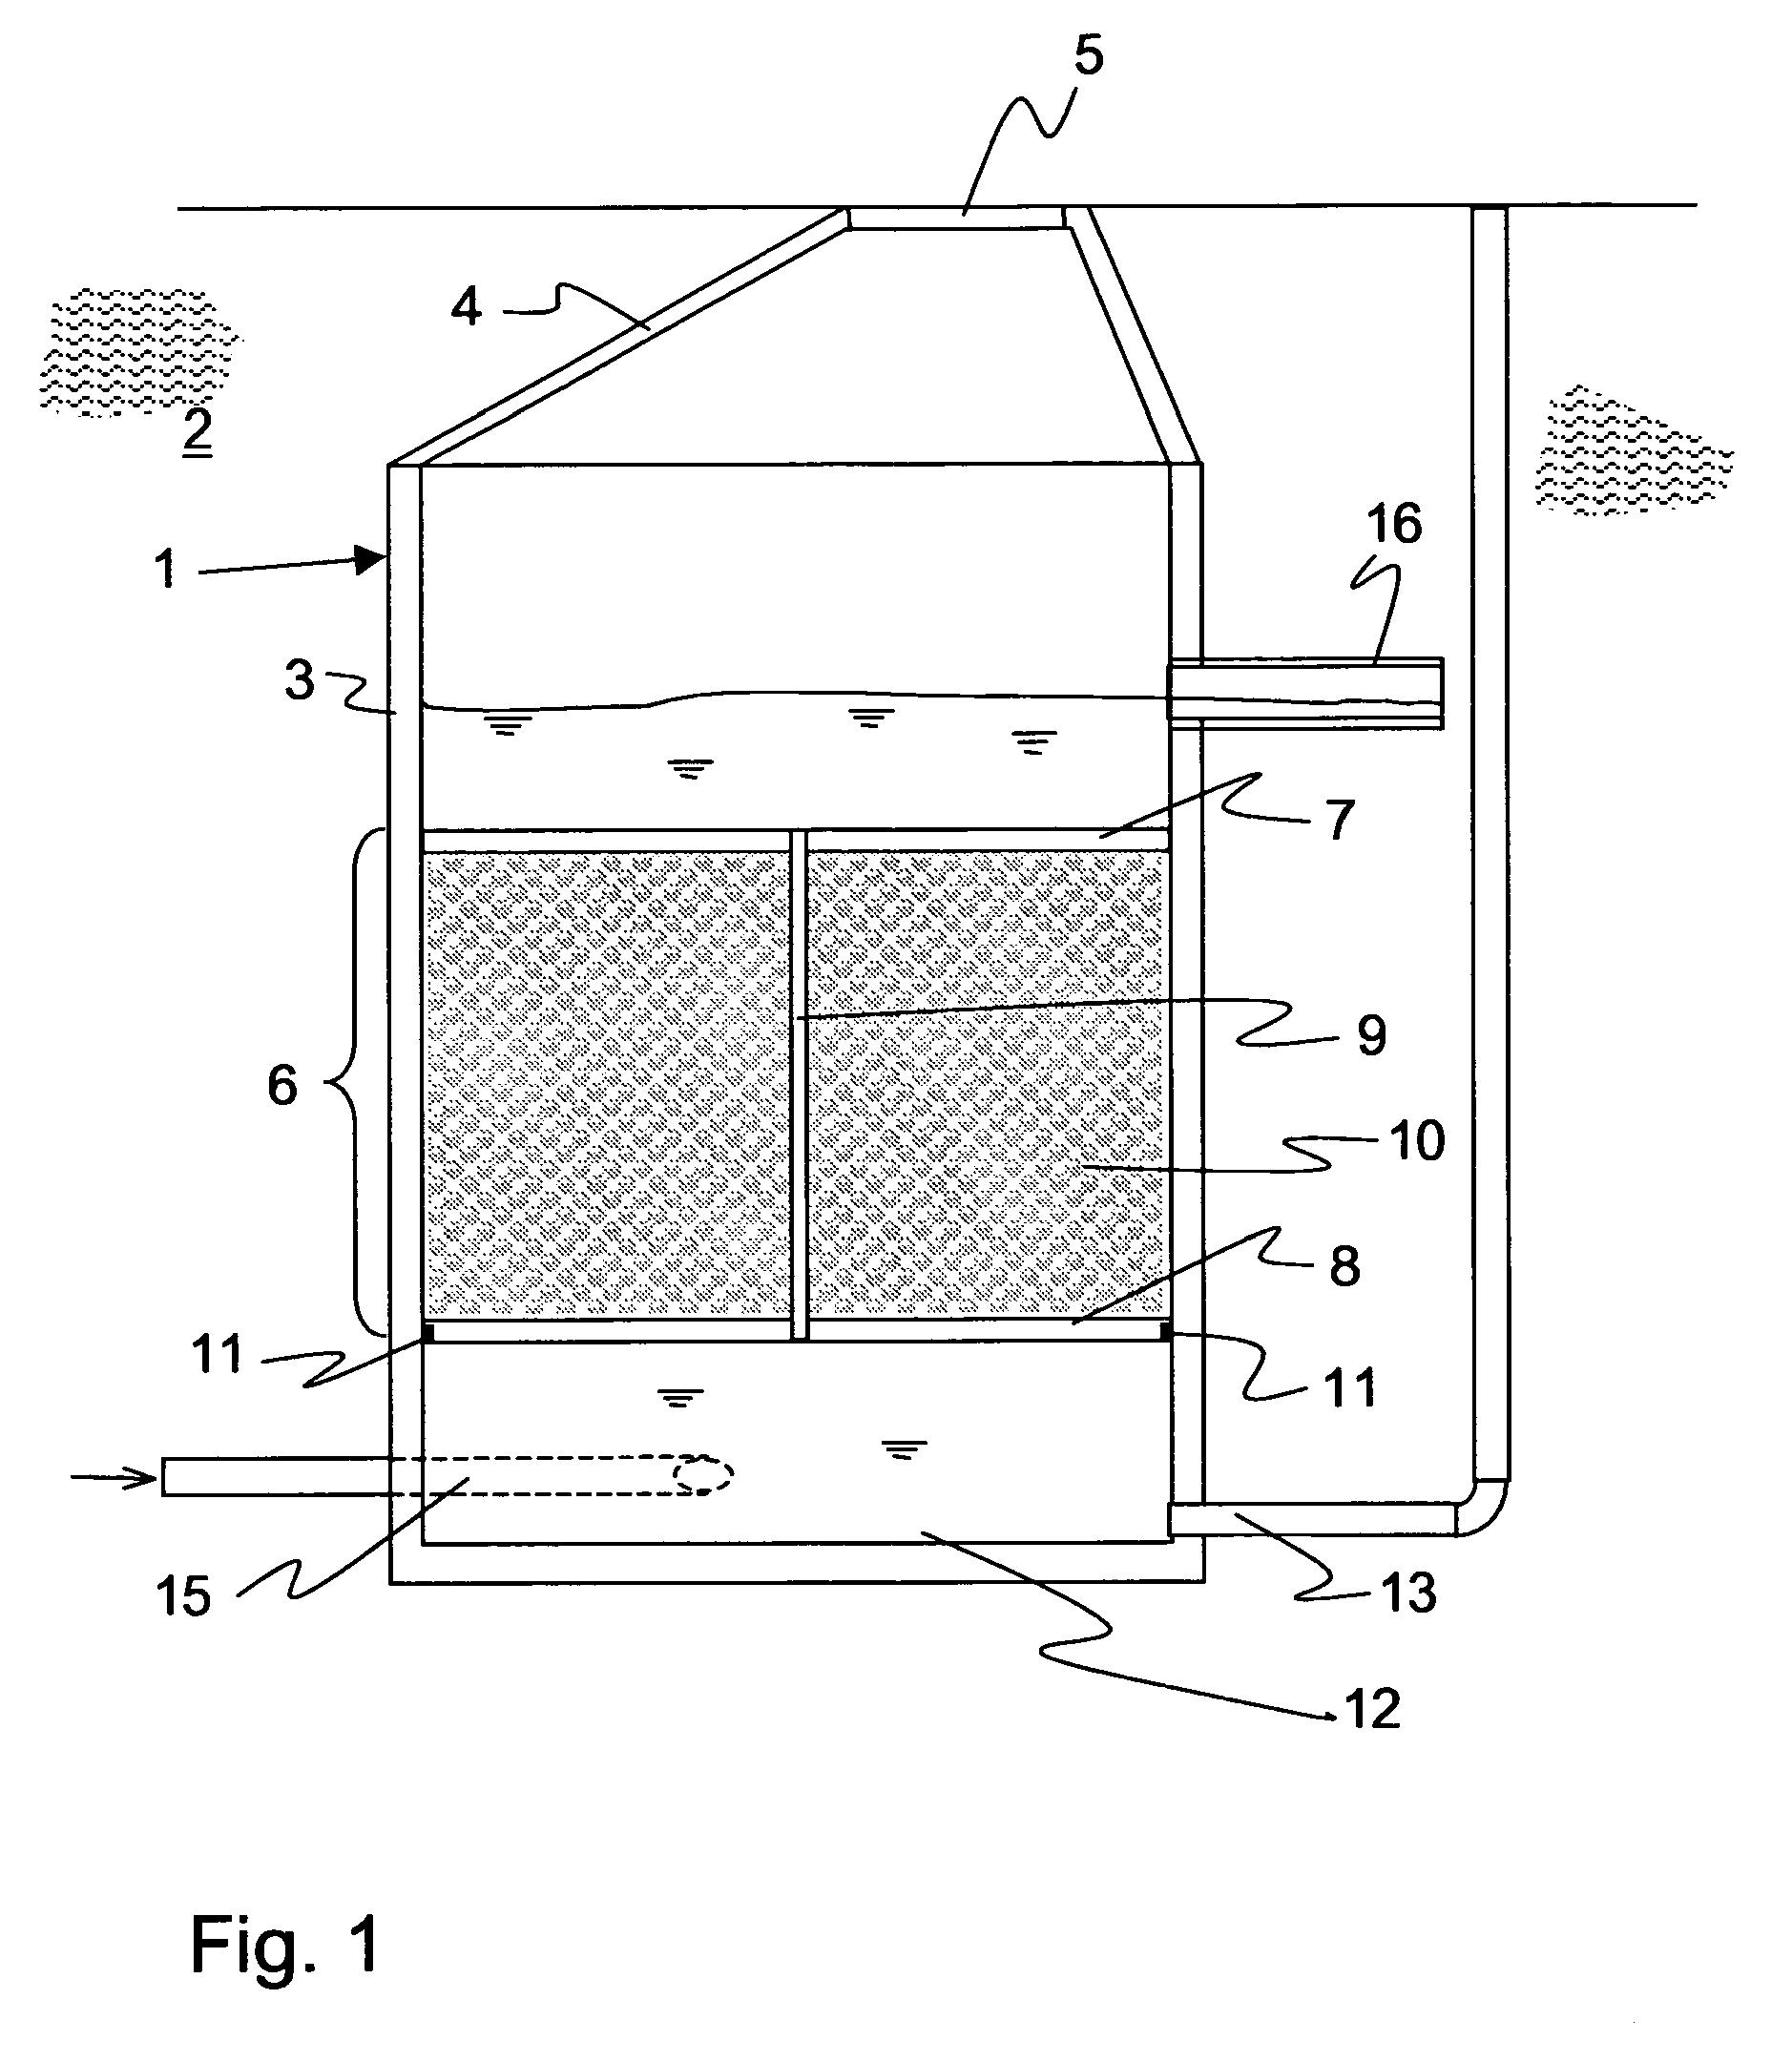 regenwasser versickern lassen versickerung oder dauerstau efringen kirchen badische. Black Bedroom Furniture Sets. Home Design Ideas